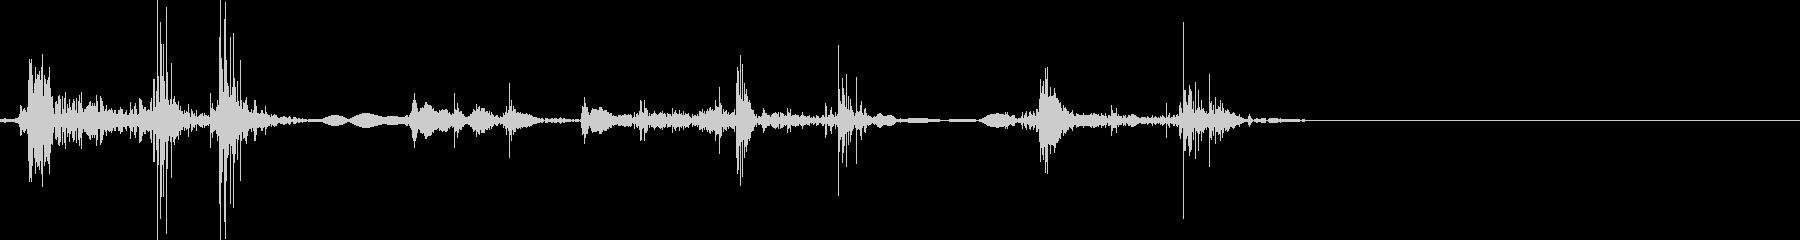 カチャカチャ 銃や金属系の装備音 入手音の未再生の波形